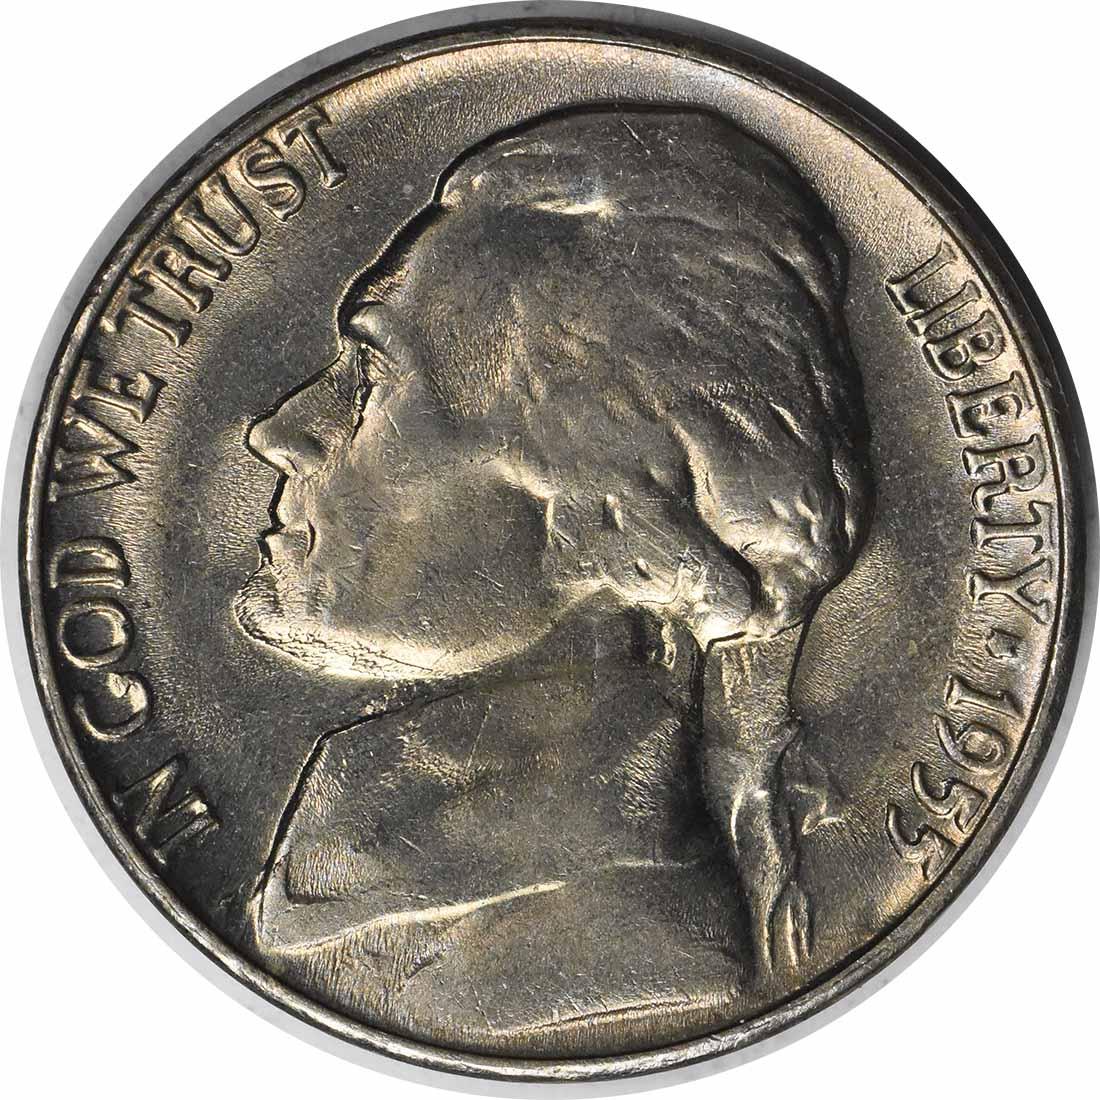 1955-D/S Jefferson Nickel OMM 4 MS64 Uncertified